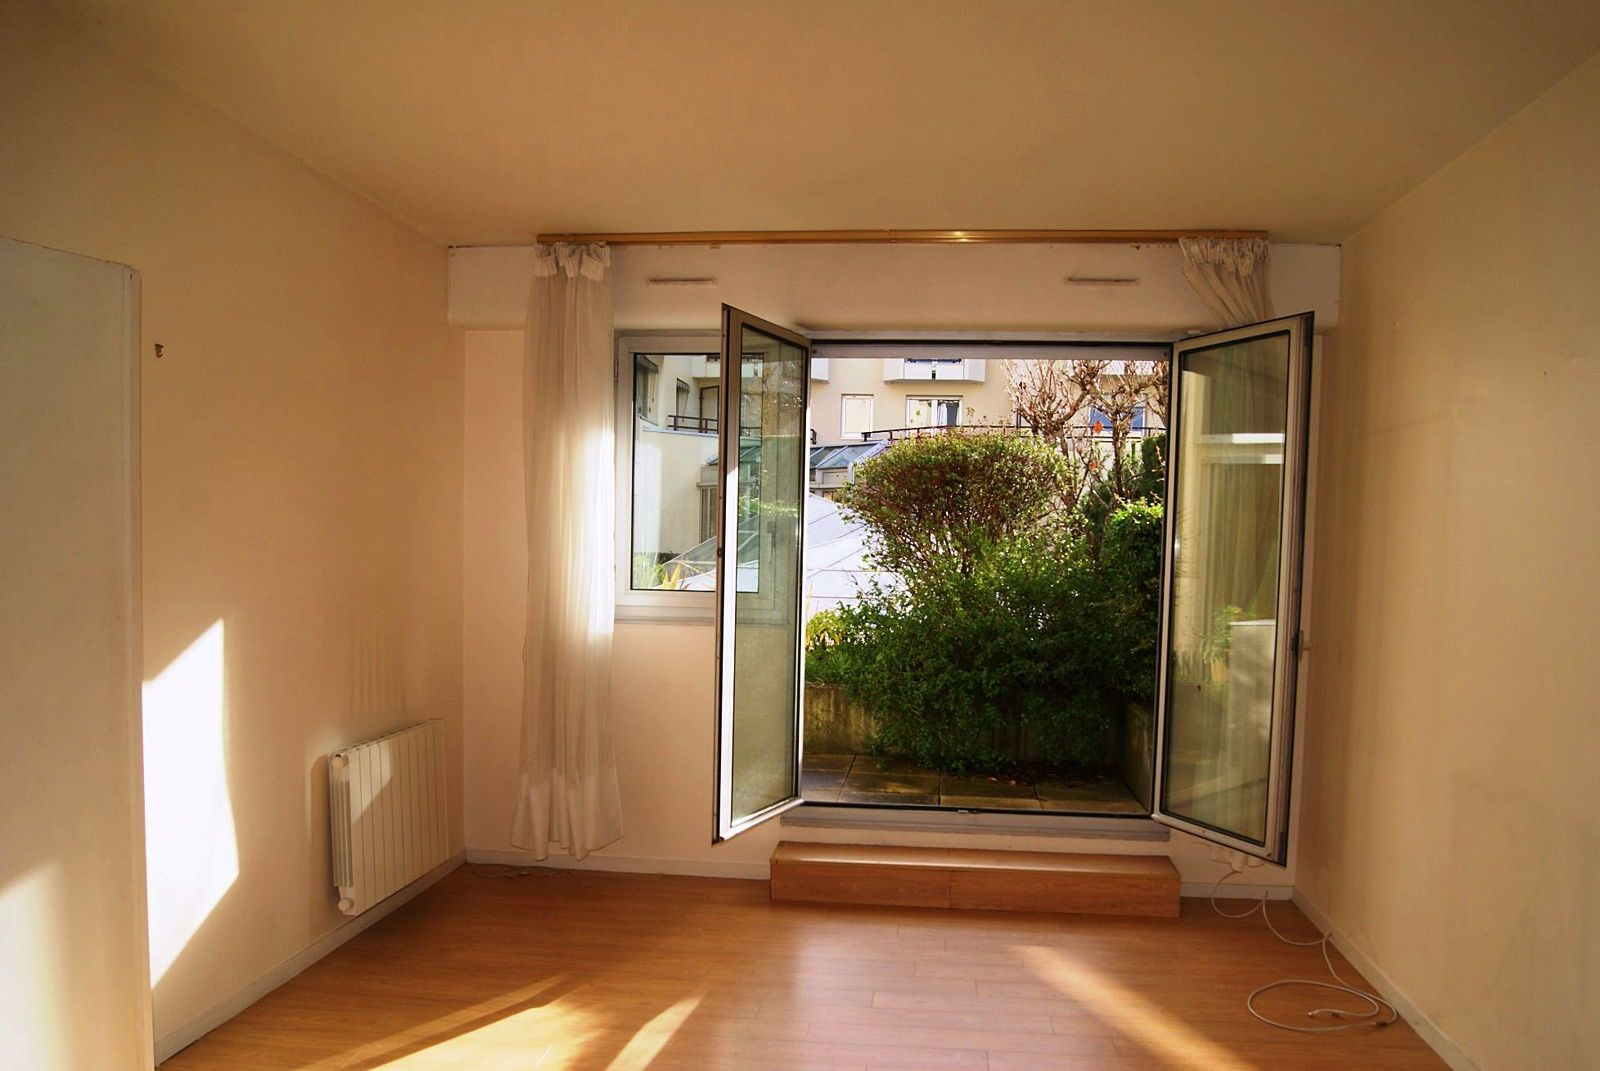 Vends appartement 2pièces 58m² Caen (14) centre Résidence Hespérides